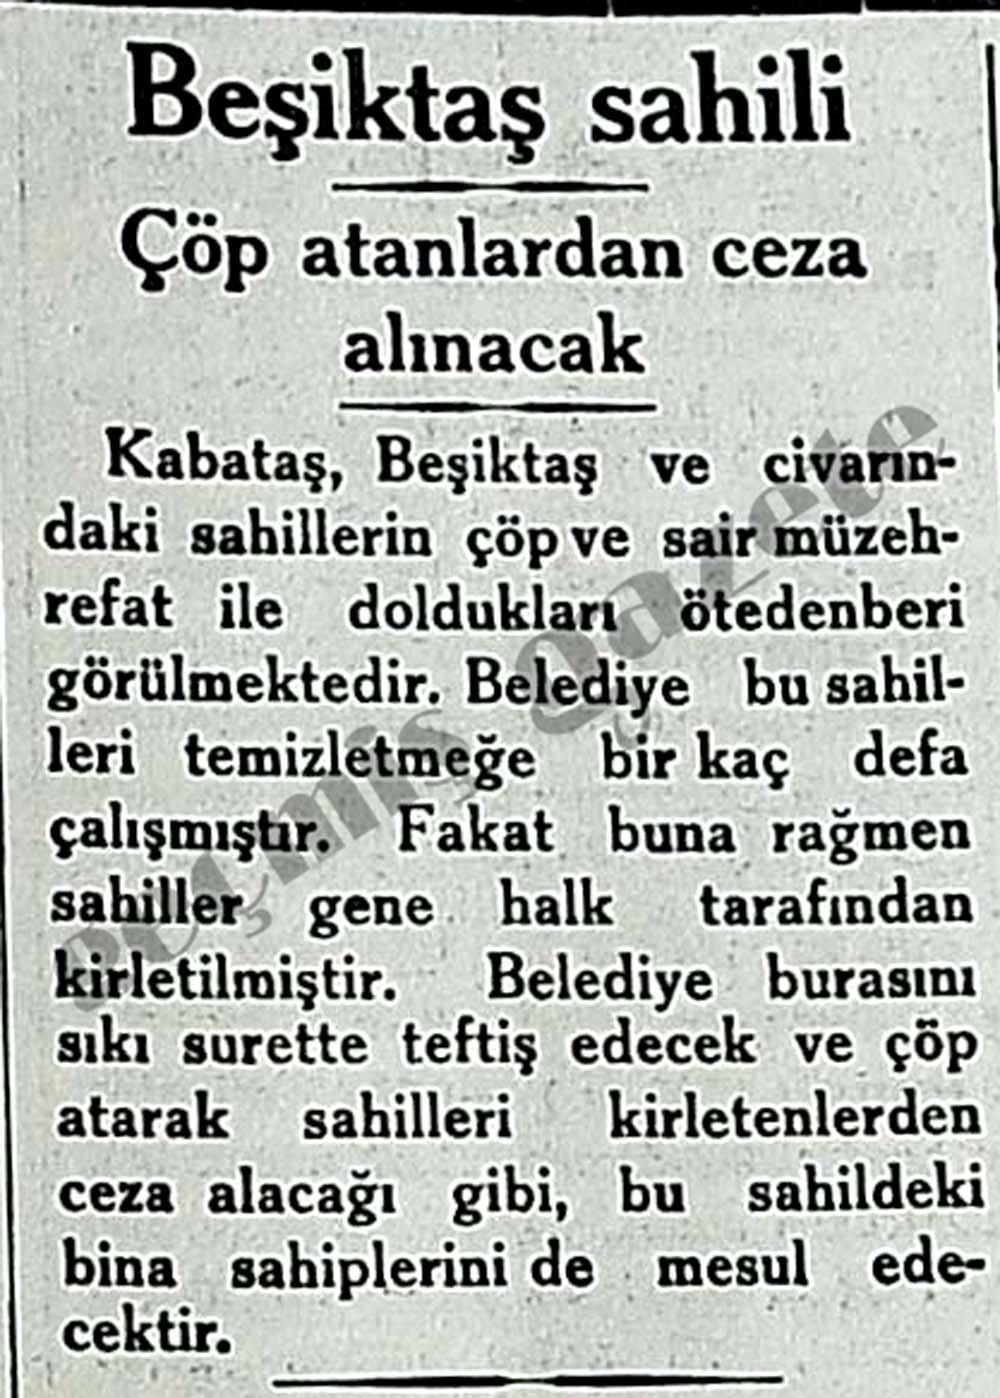 Beşiktaş sahili: Çöp atanlardan ceza alınacak